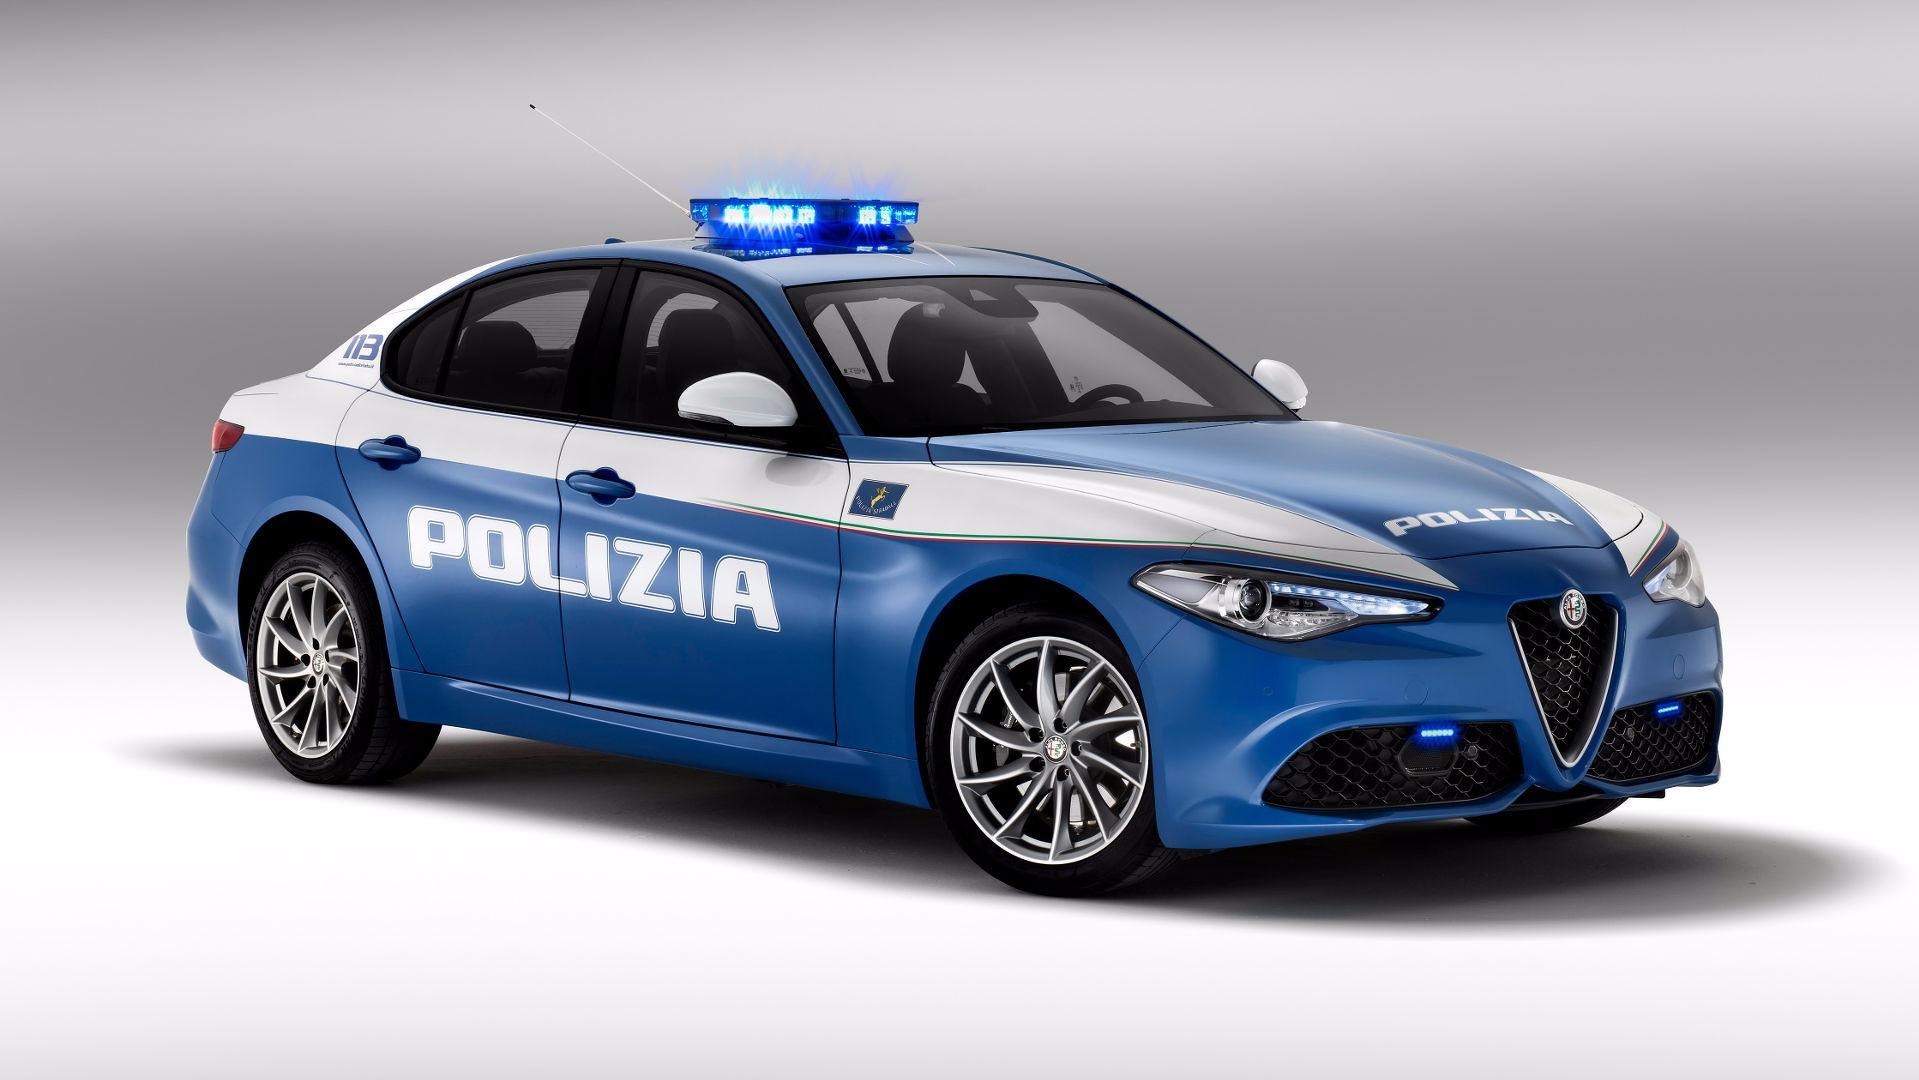 polizia-di-stato-alfa-romeo-giulia-giulietta-jeep-renegade (1)